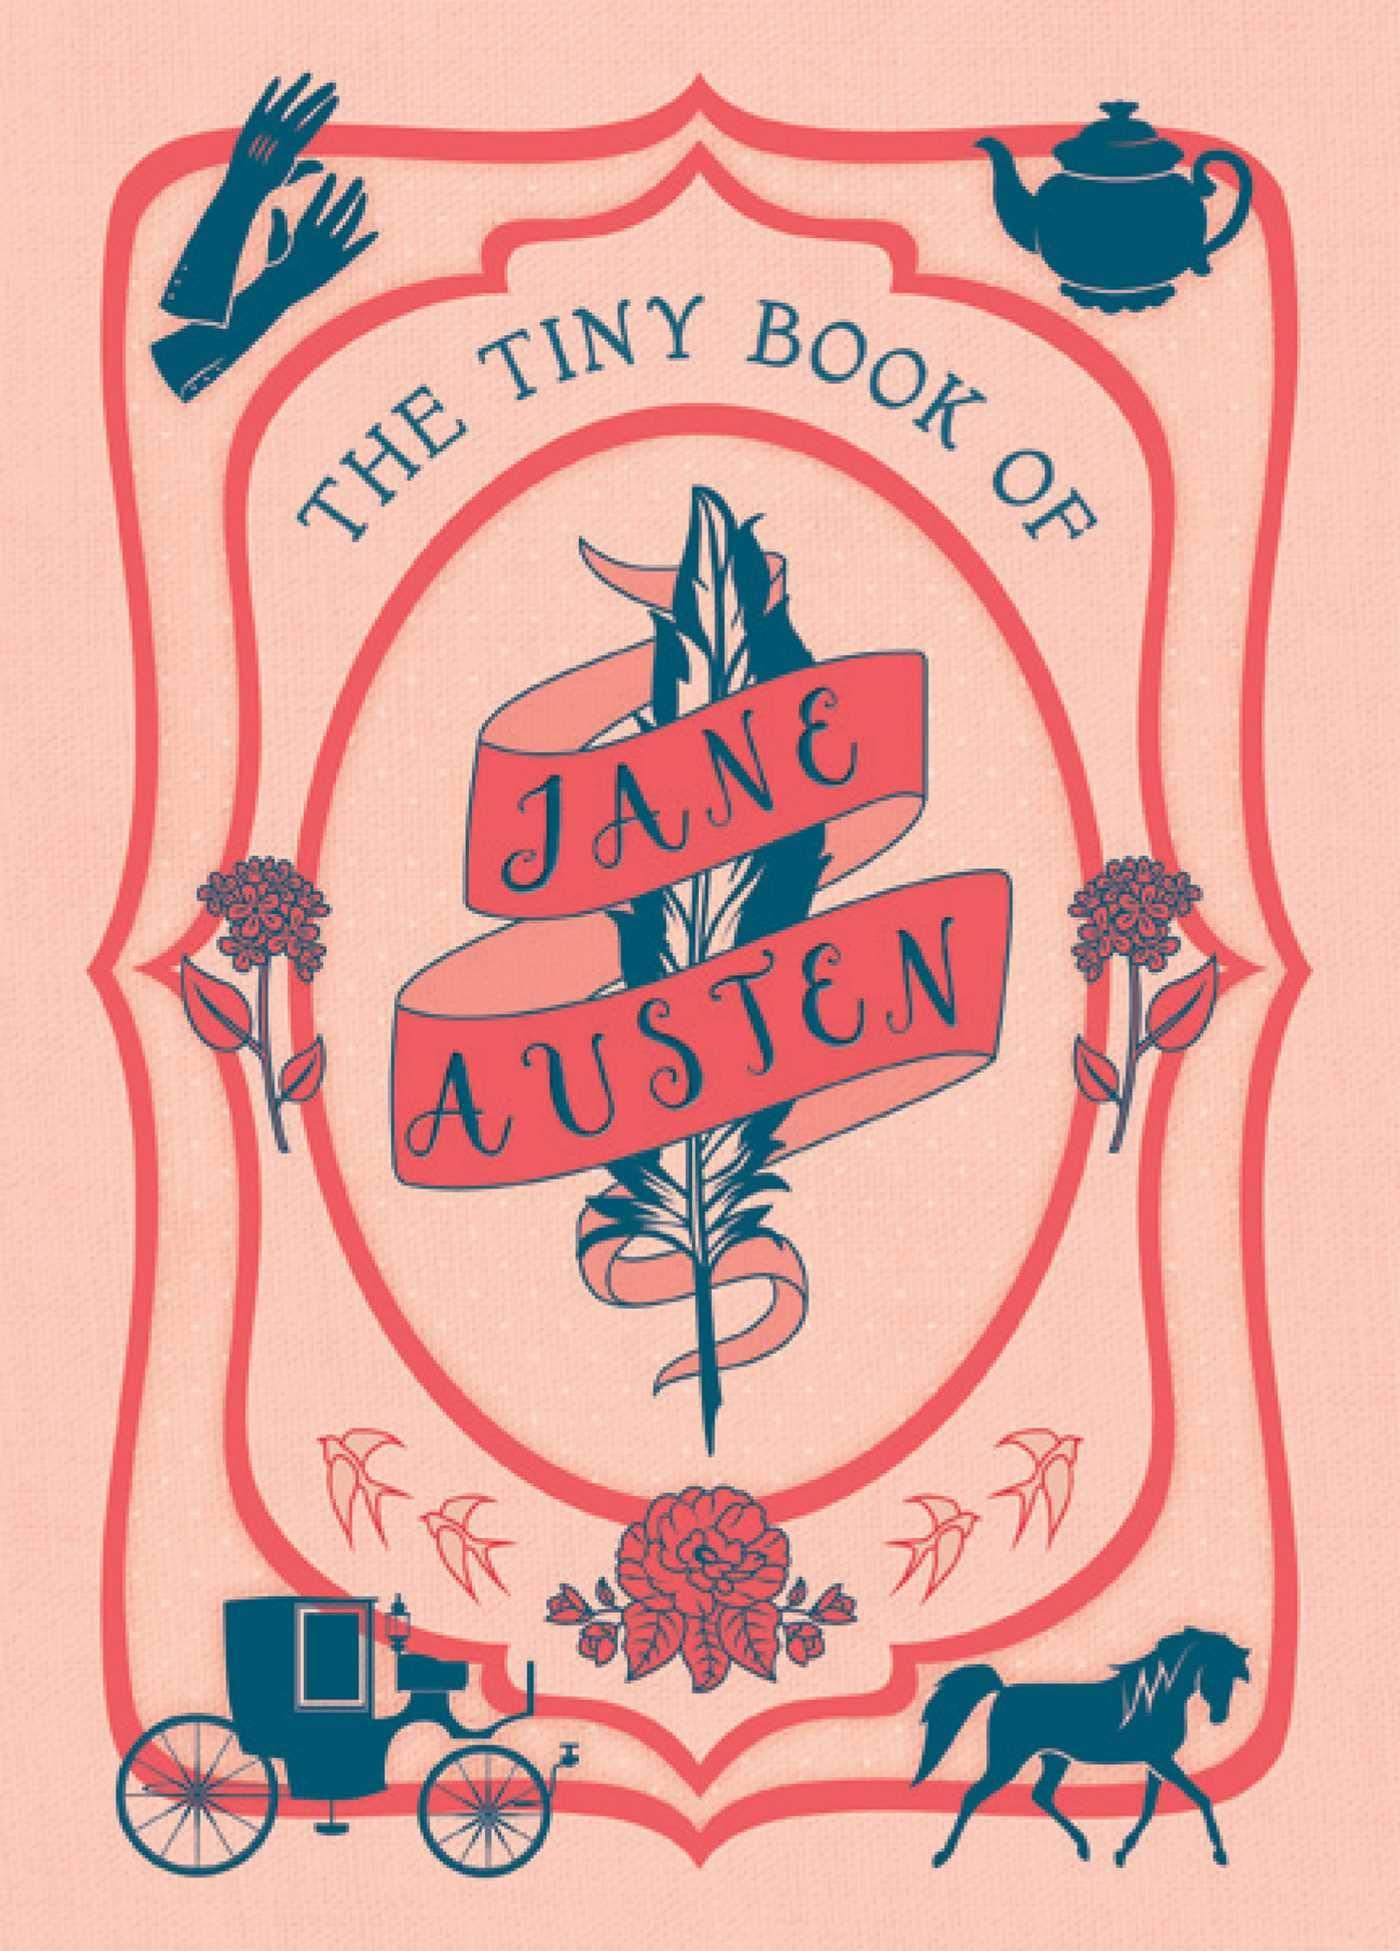 Tiny Jane Austen cover